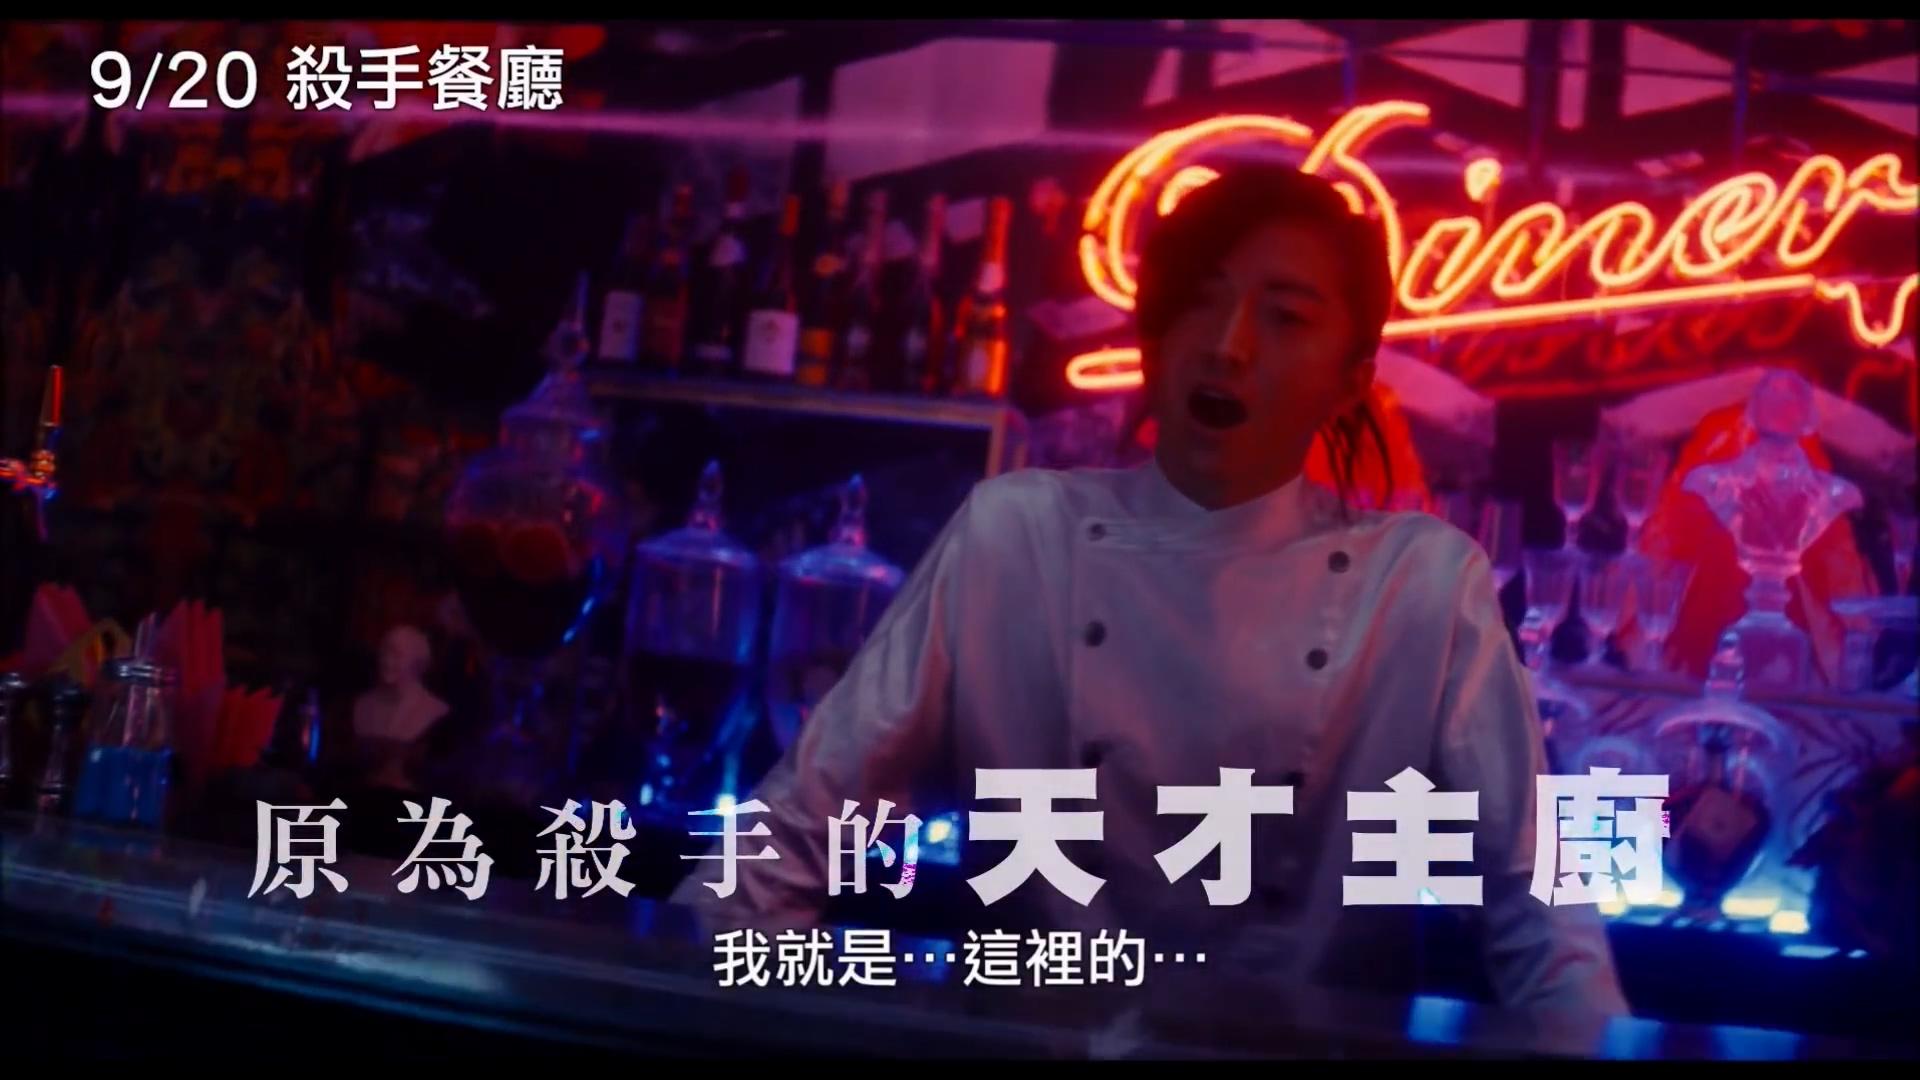 《杀手餐厅》曝中字版预告 小栗旬、洼田正孝全明星阵容